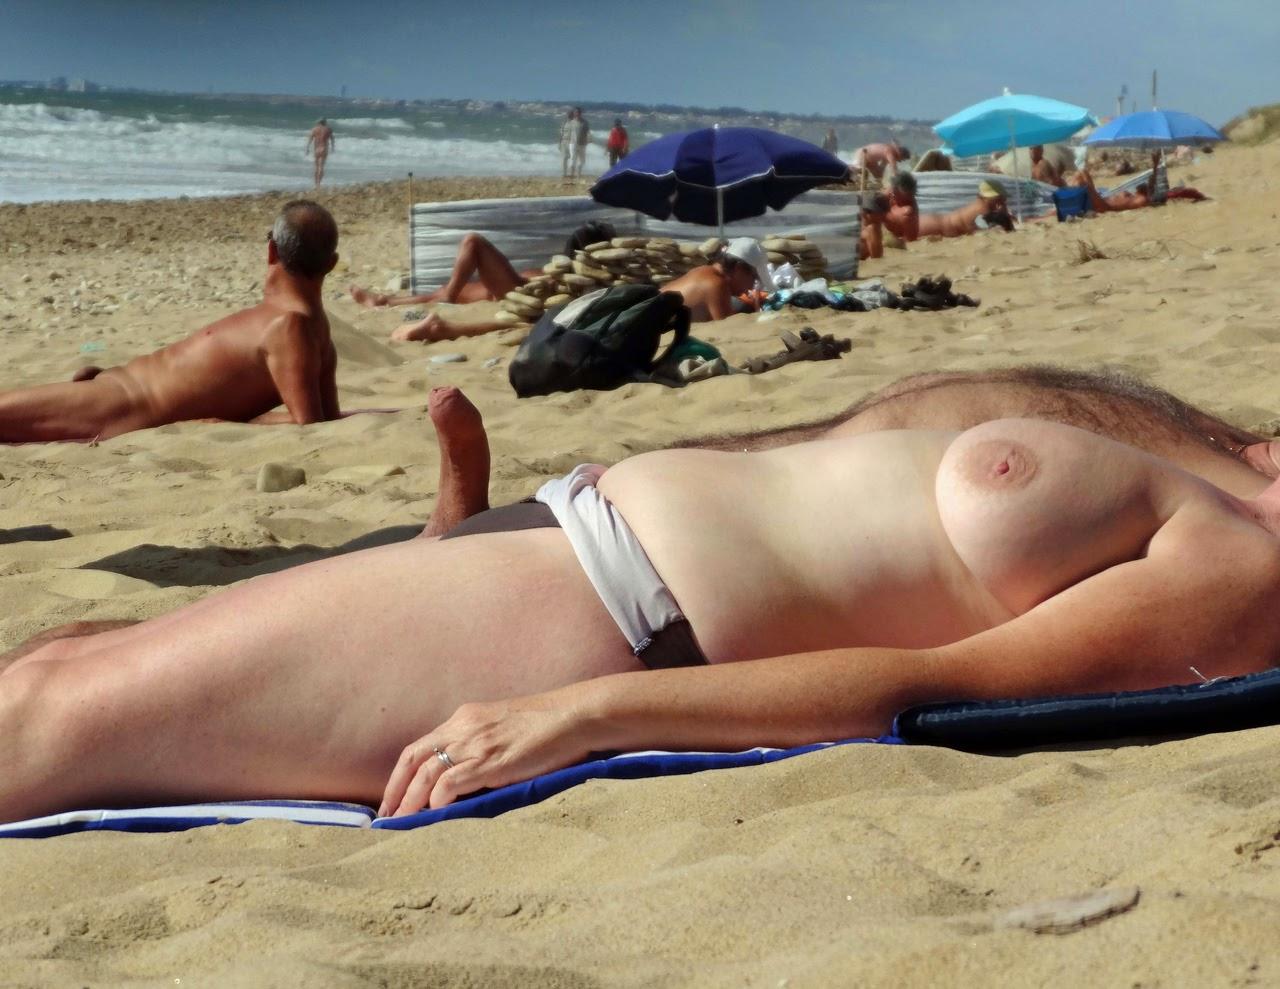 erektsiya-na-nudistskom-plyazhe